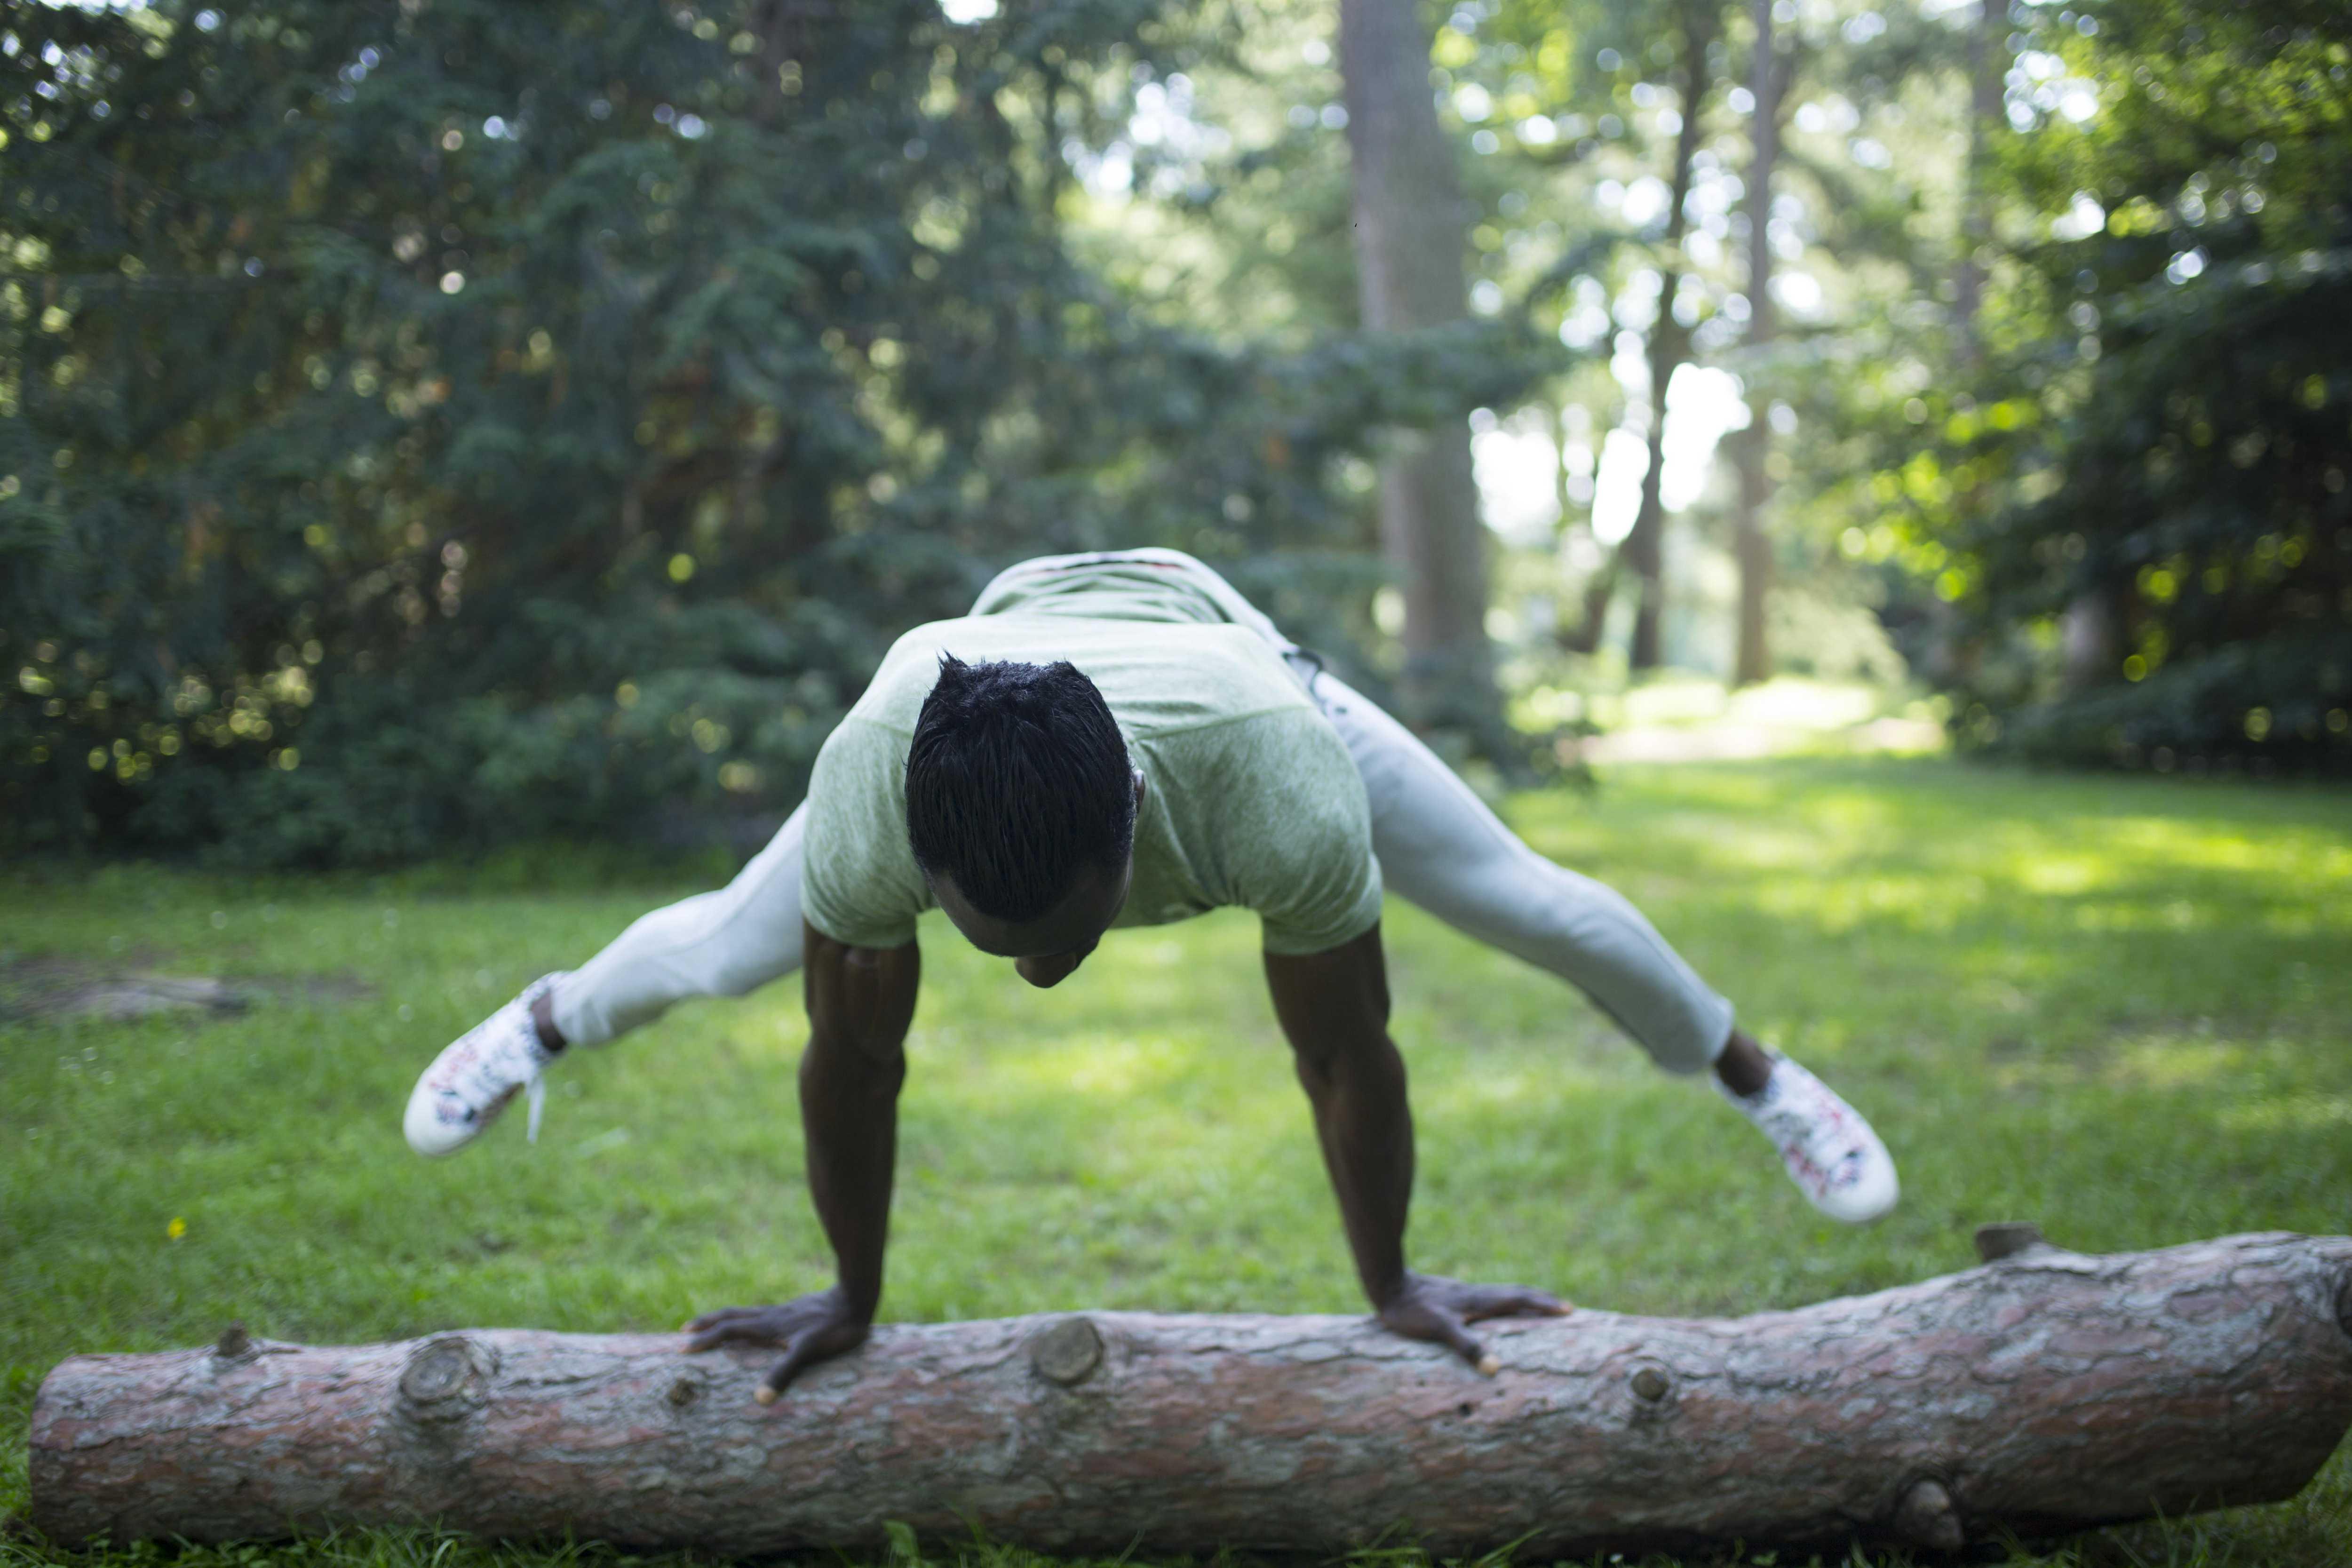 Semaine 3 : Full body Programme summer – Musculation et perte de poids : Avancé